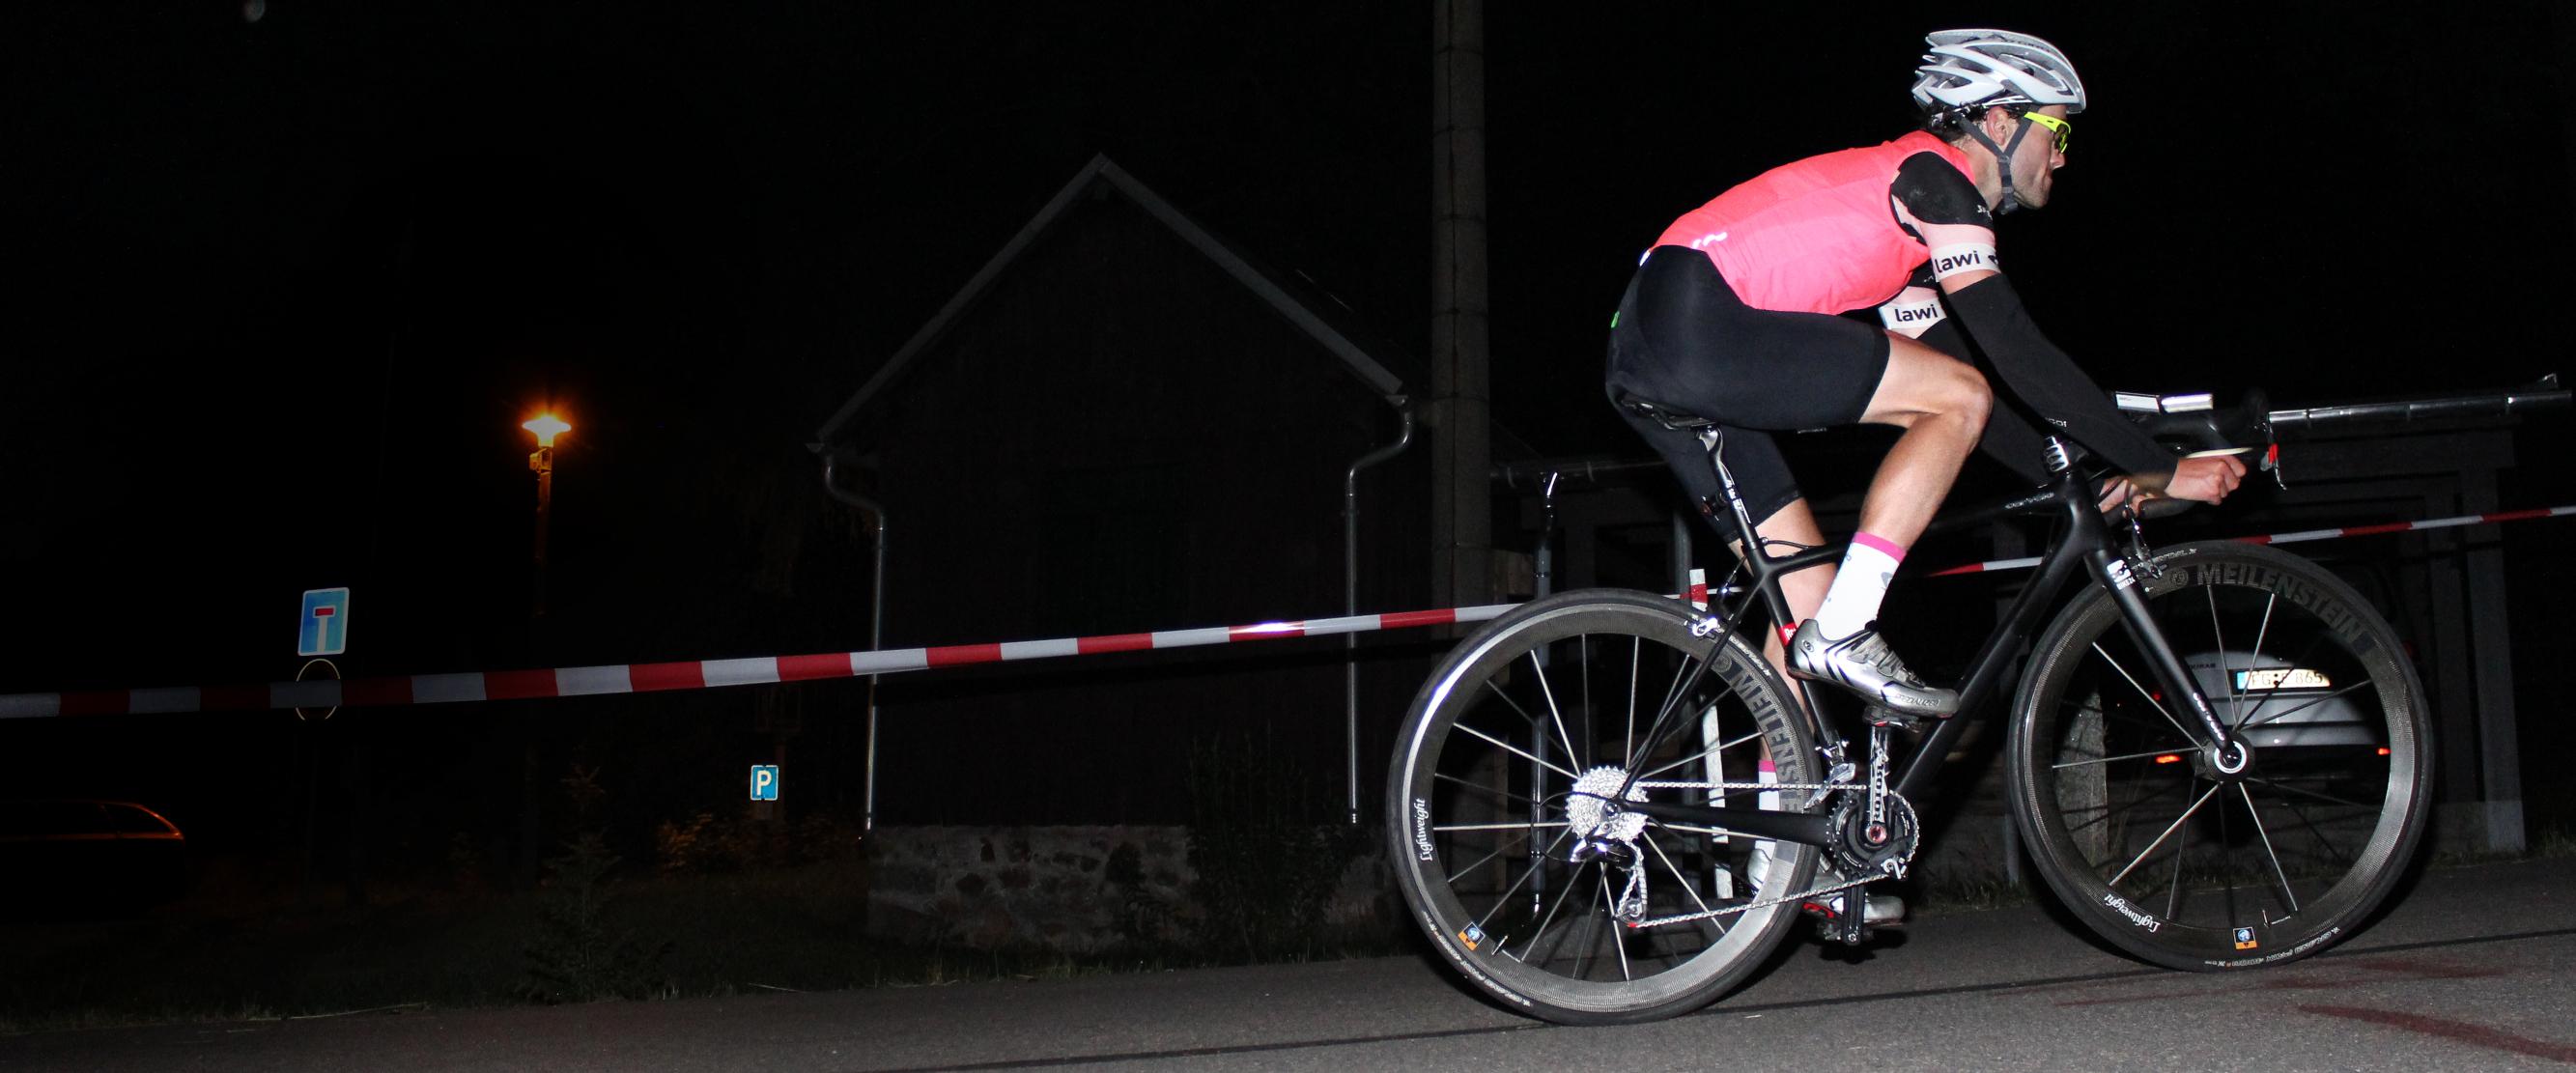 24-Stunden-Weltrekord im Erzgebirge